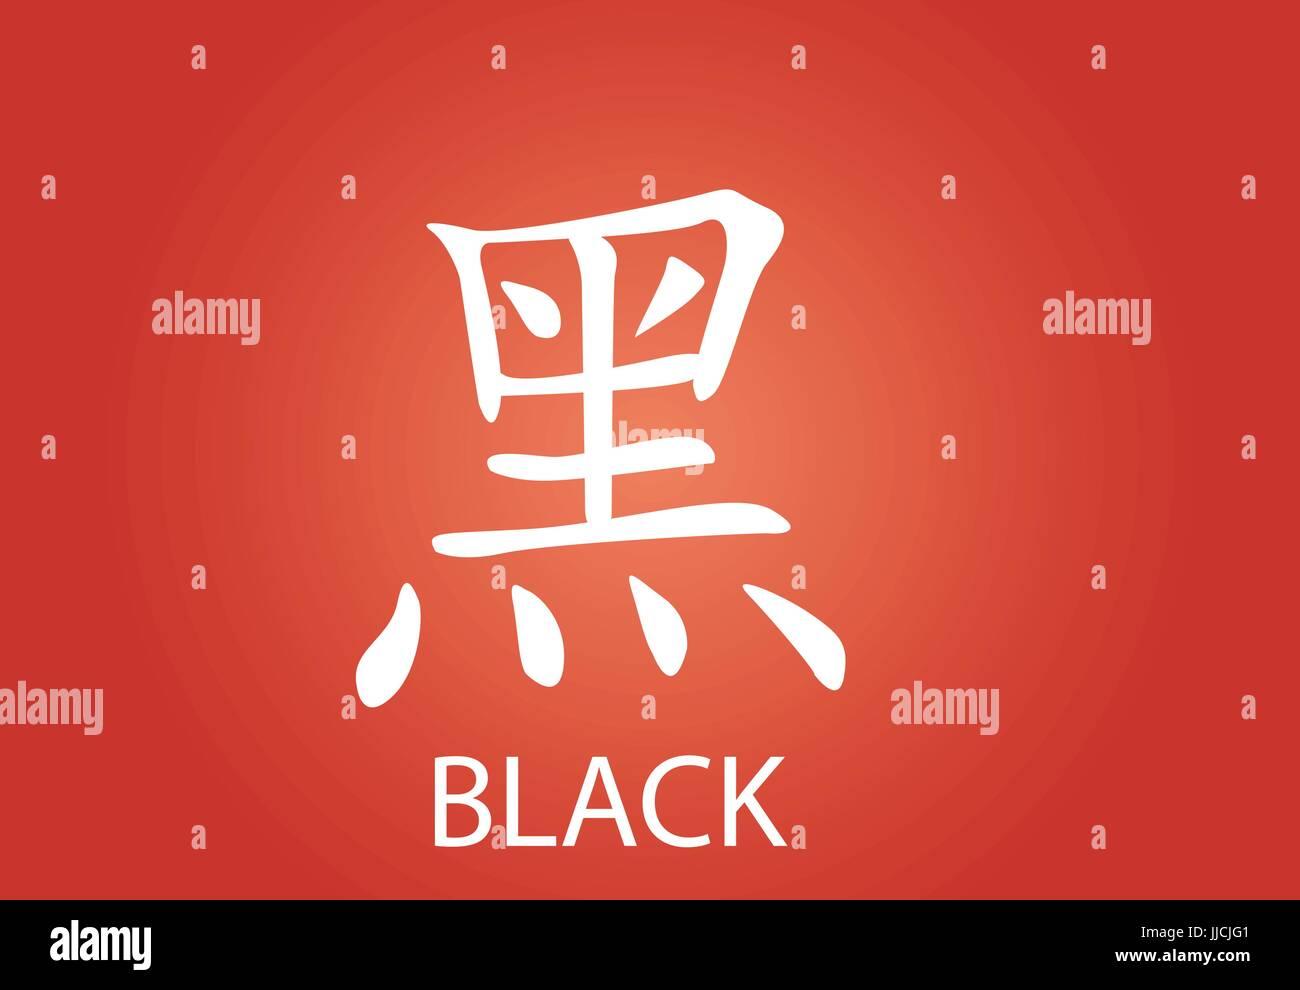 Chinesische Buchstaben Übersetzung Stockfotos & Chinesische